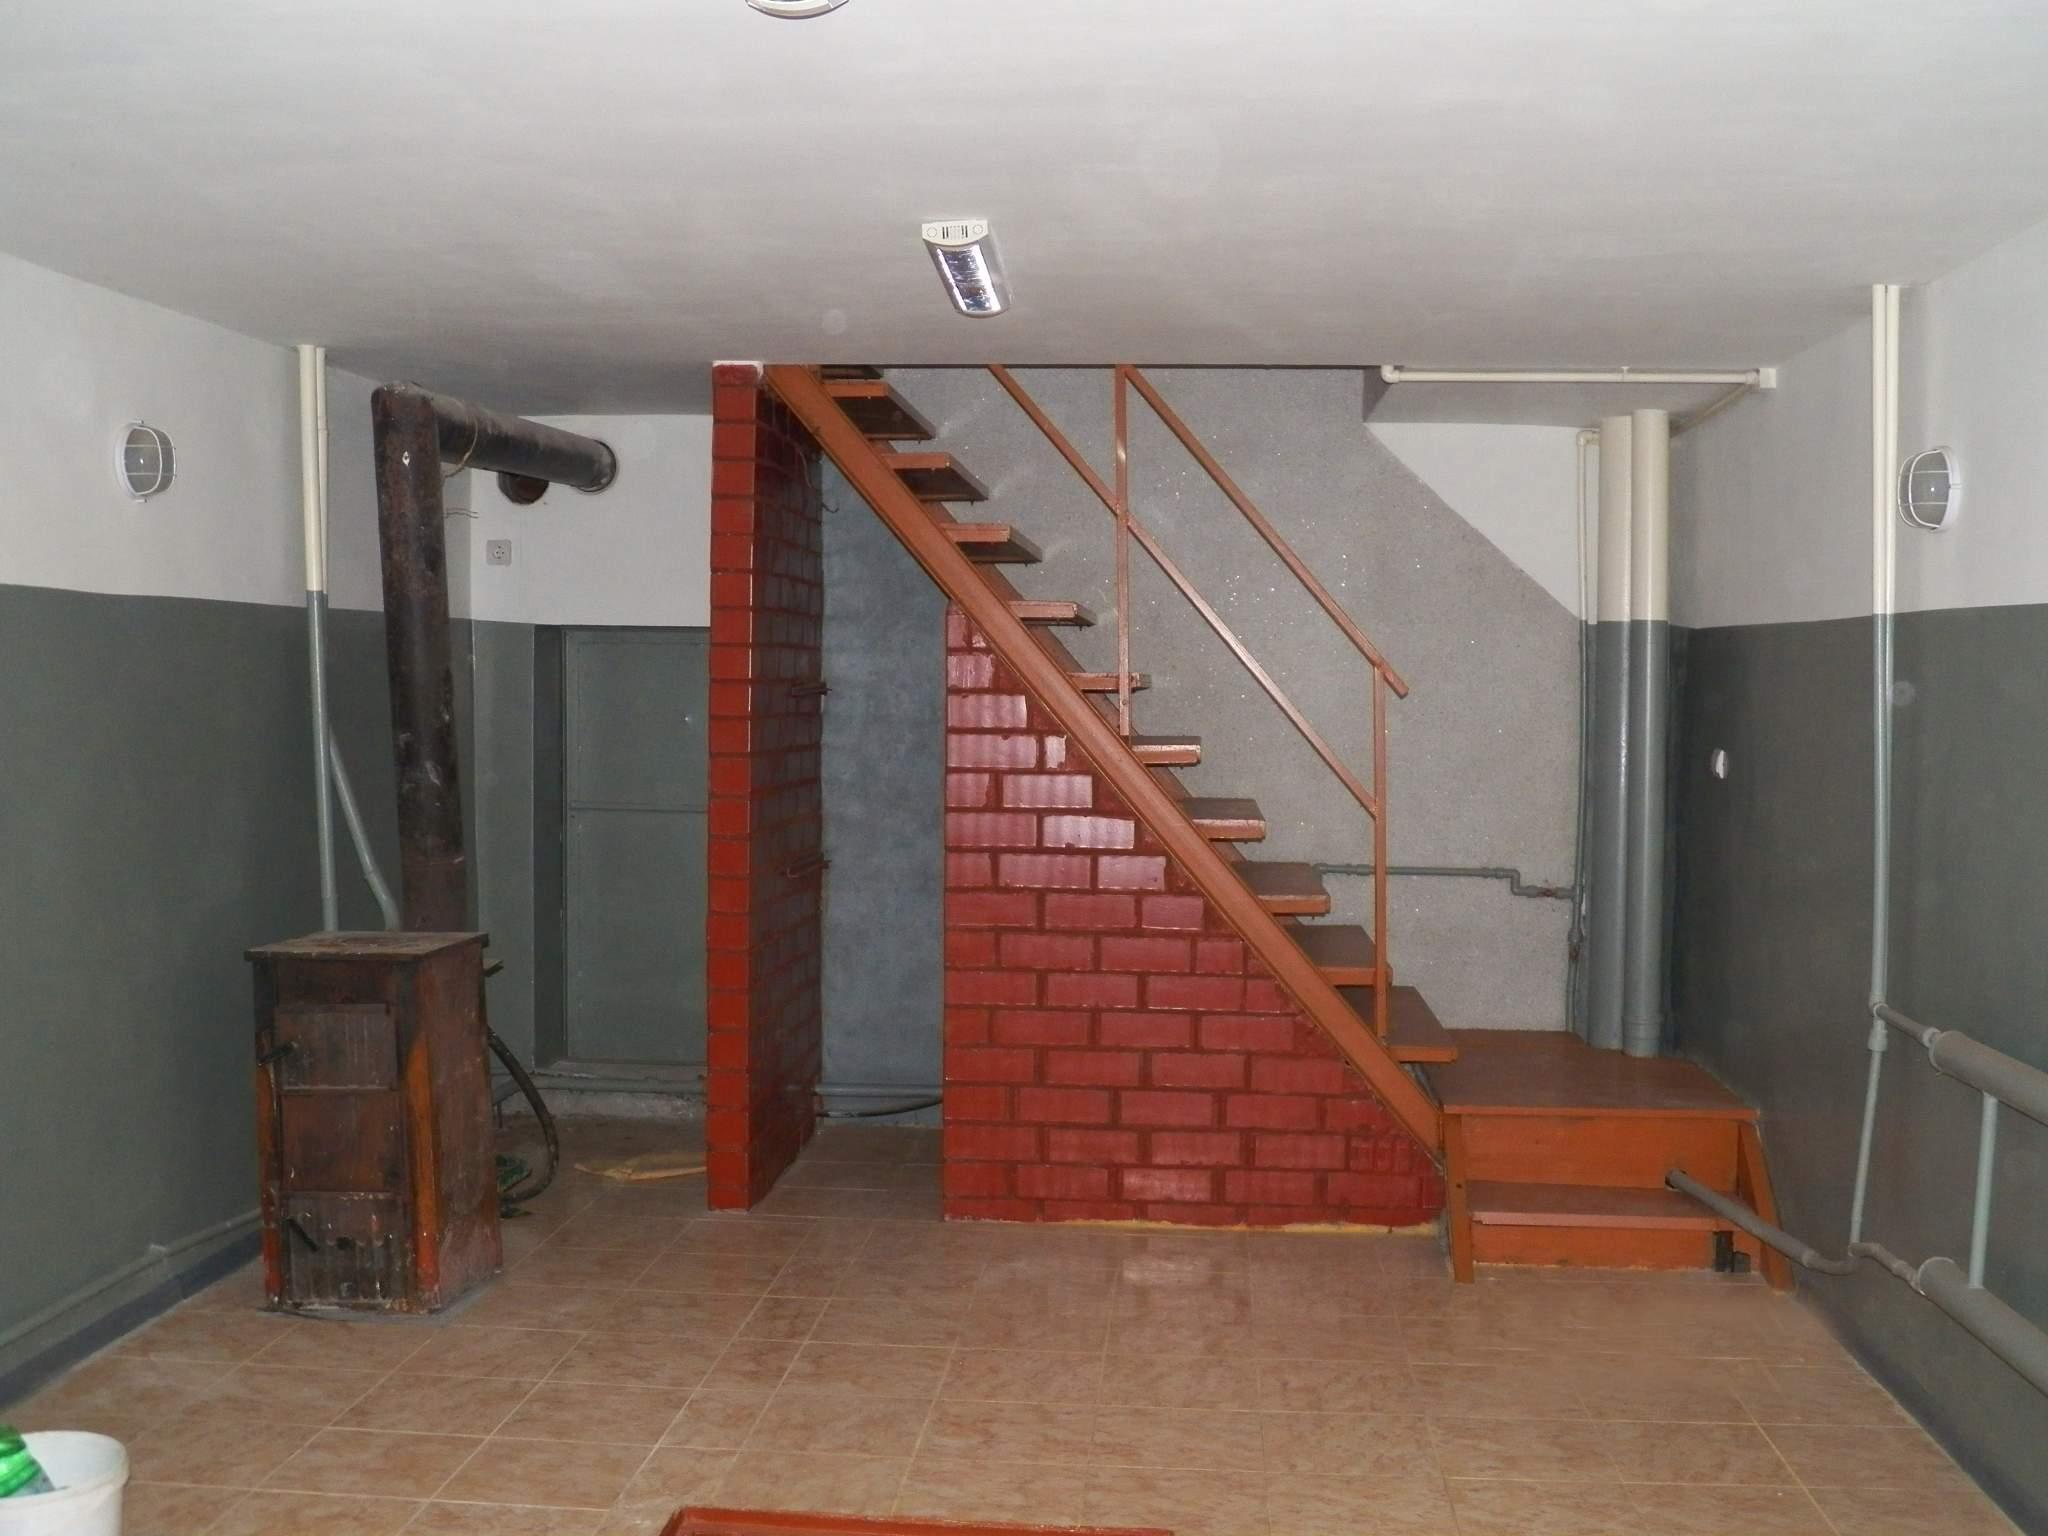 ЧМР, капитальный жилой гараж в ПСК-34